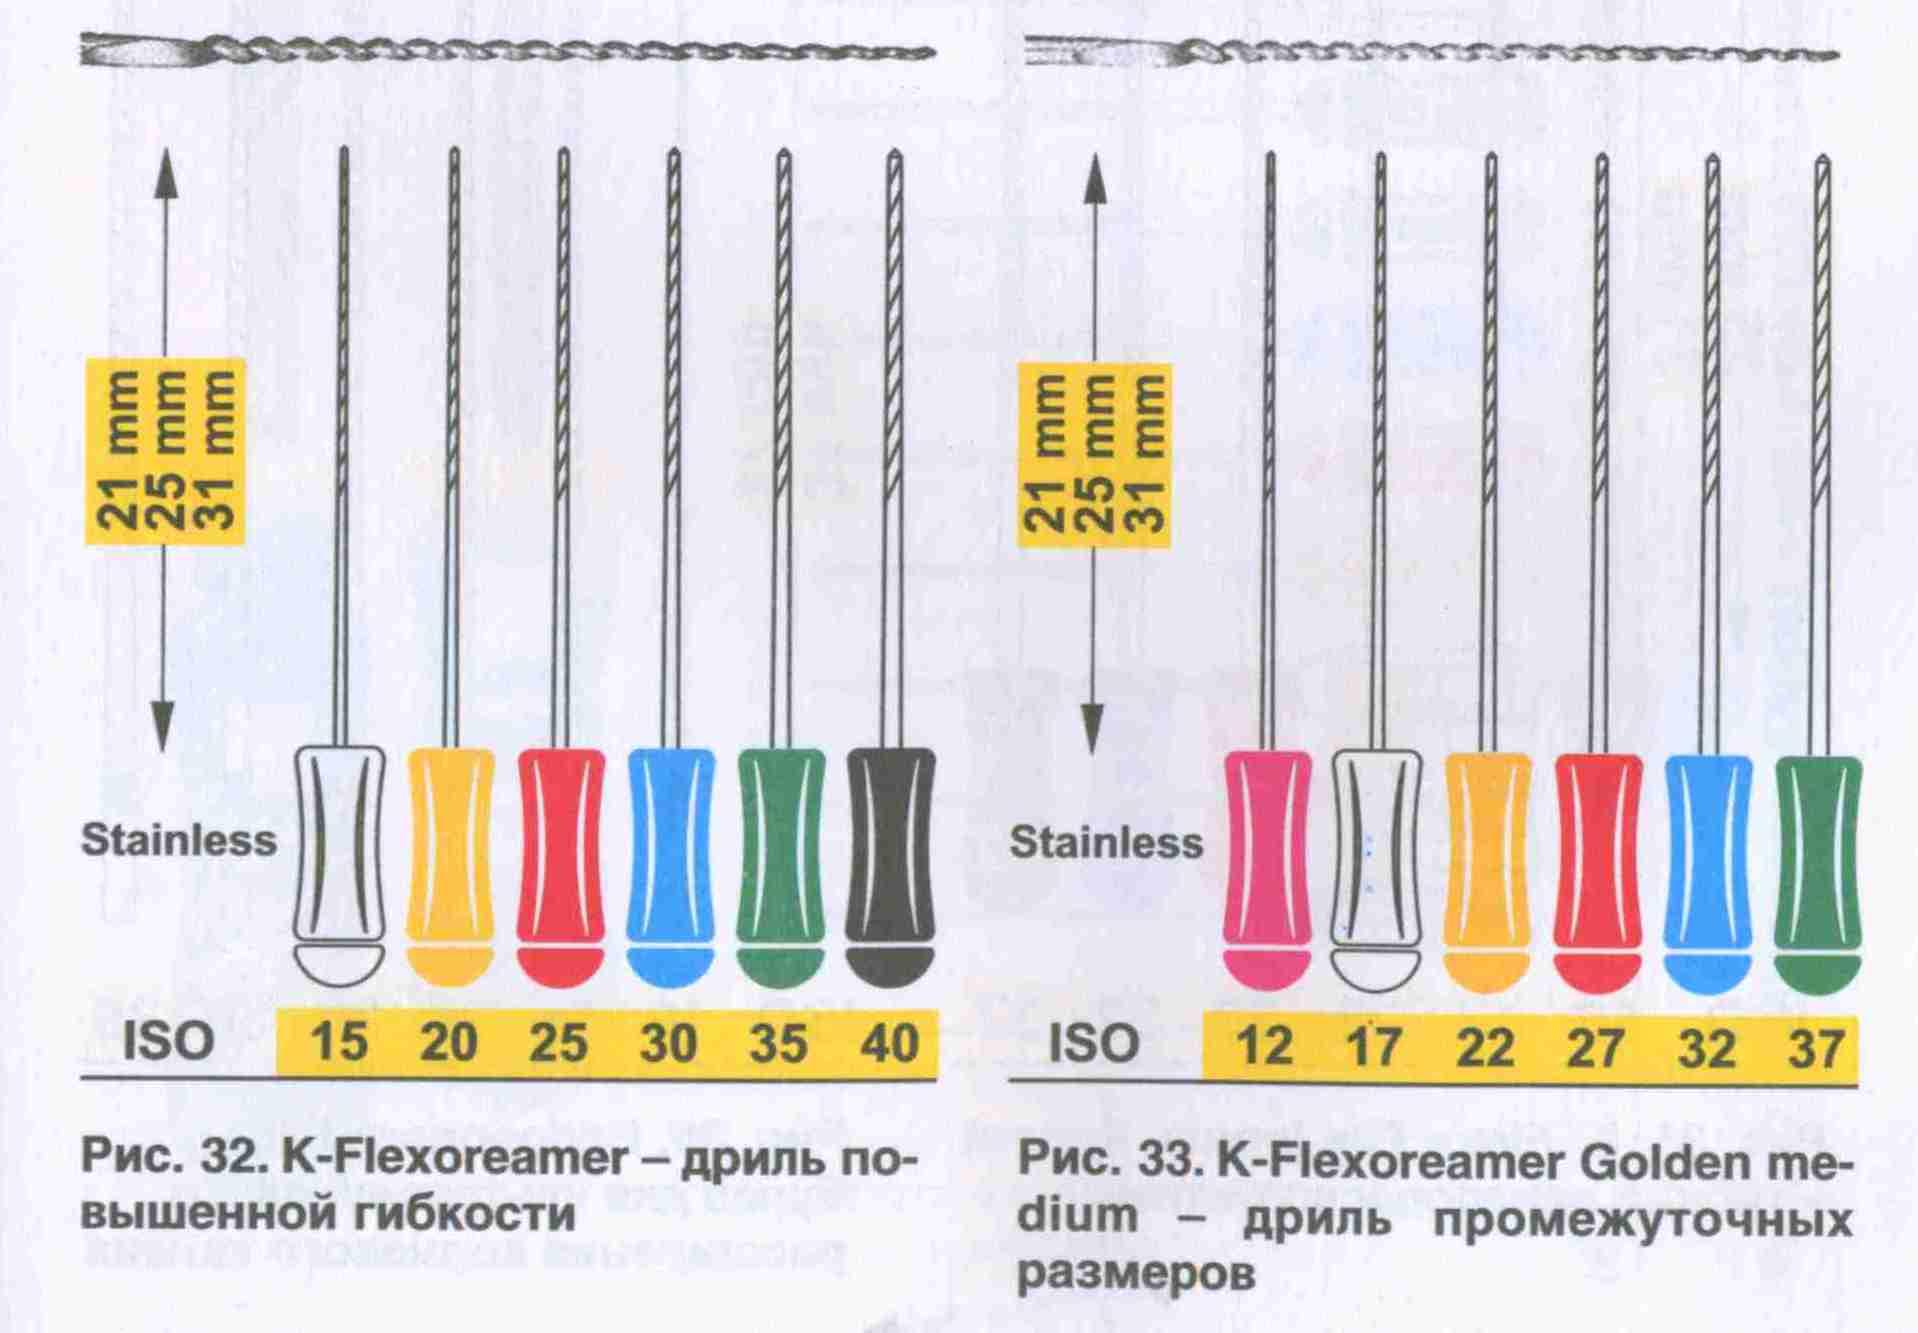 К-флексоример голден медиум 17, 25мм уп 6шт